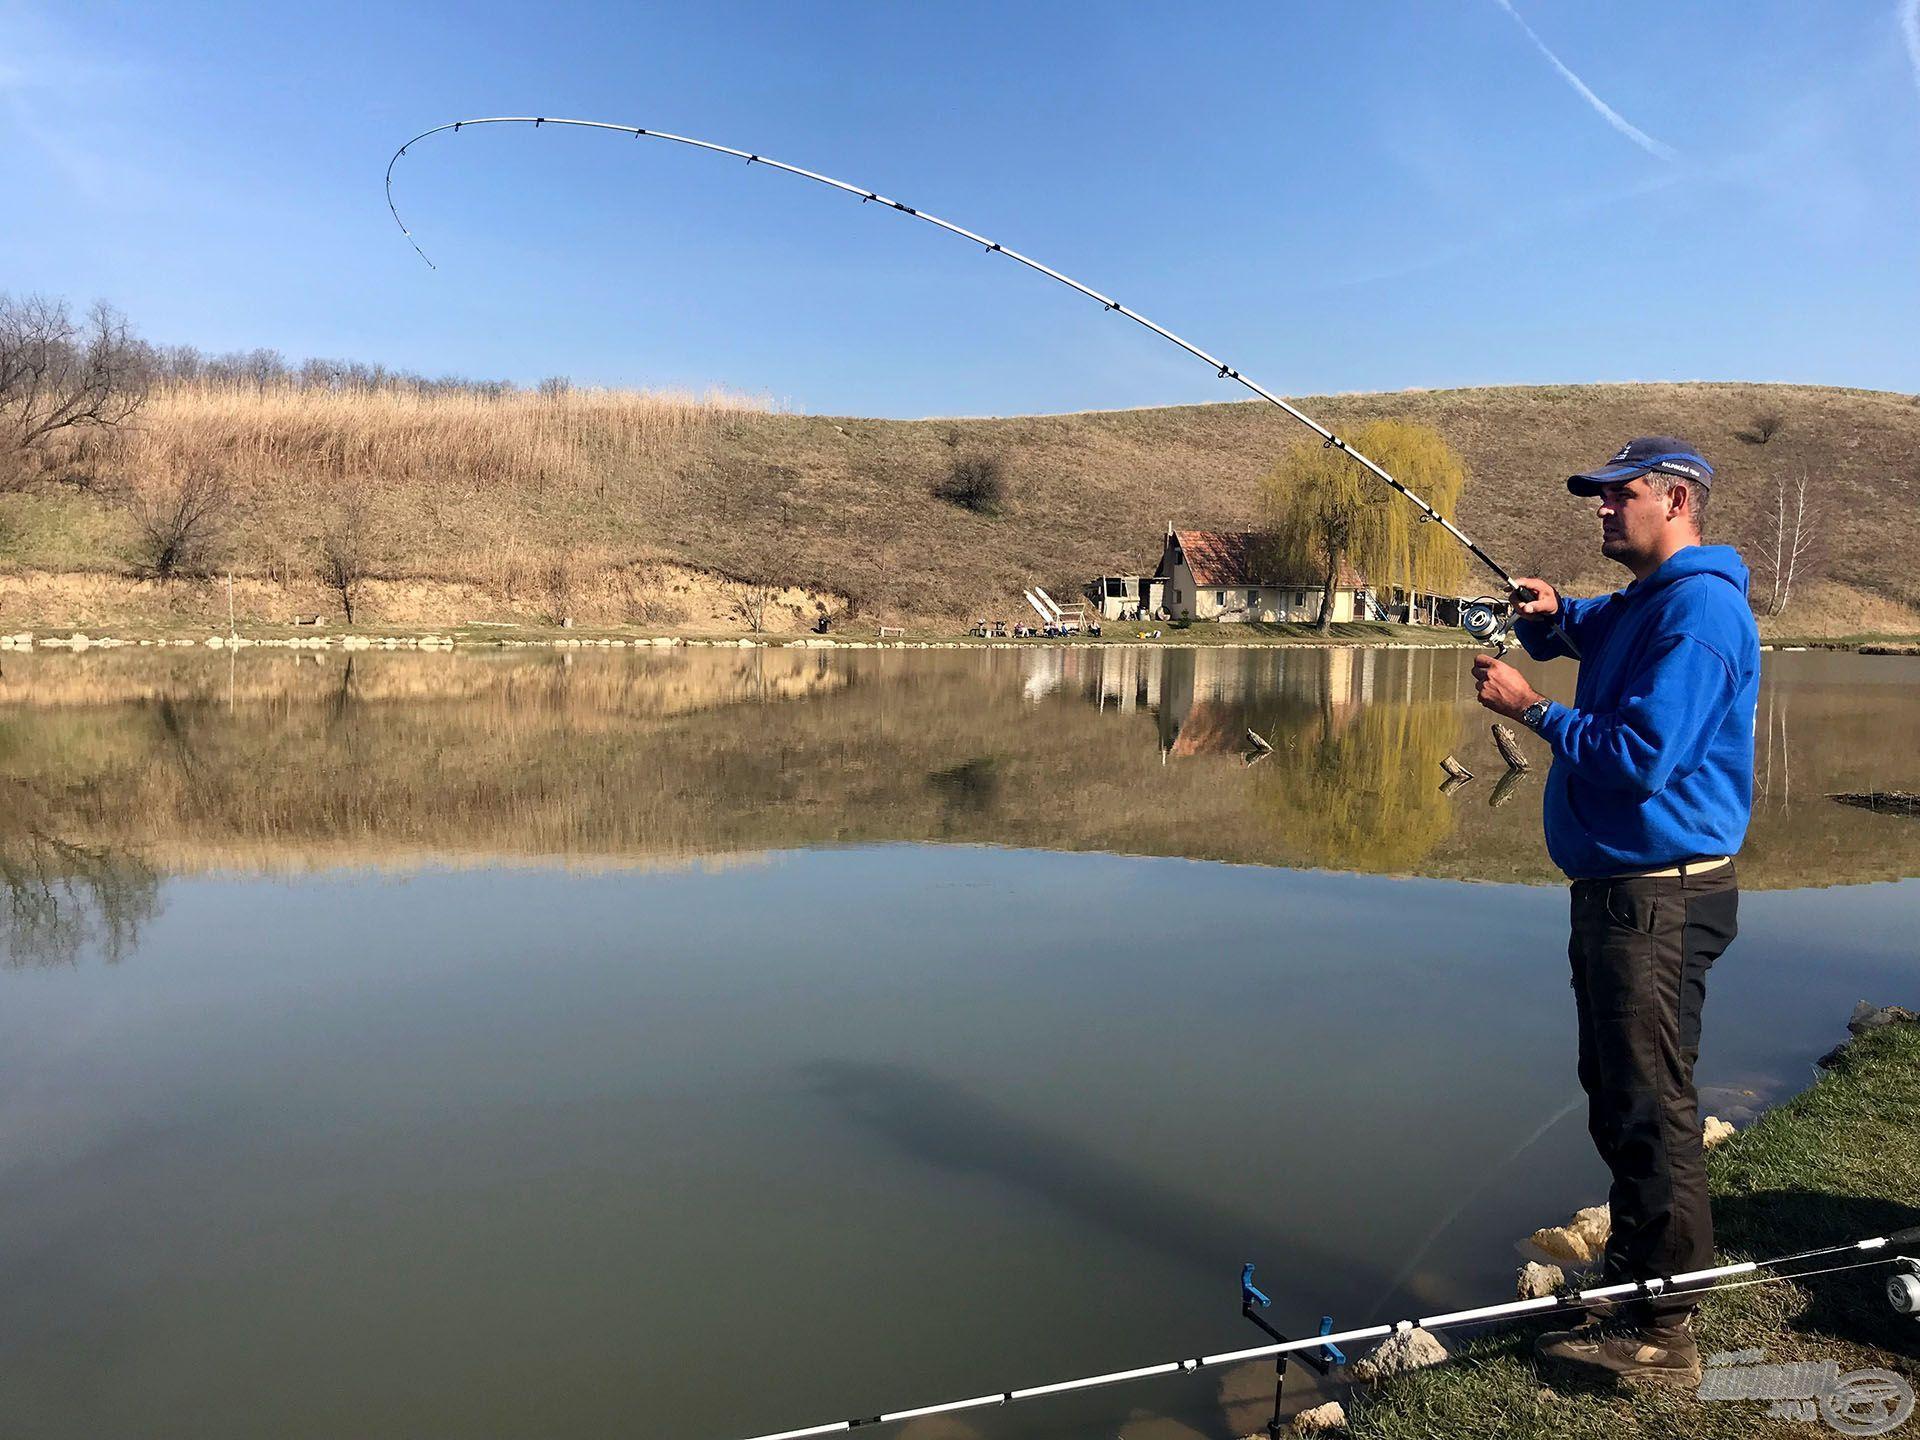 A Pro Method Feeder botok a haladó method horgászok kedvencévé vált az elmúlt évben